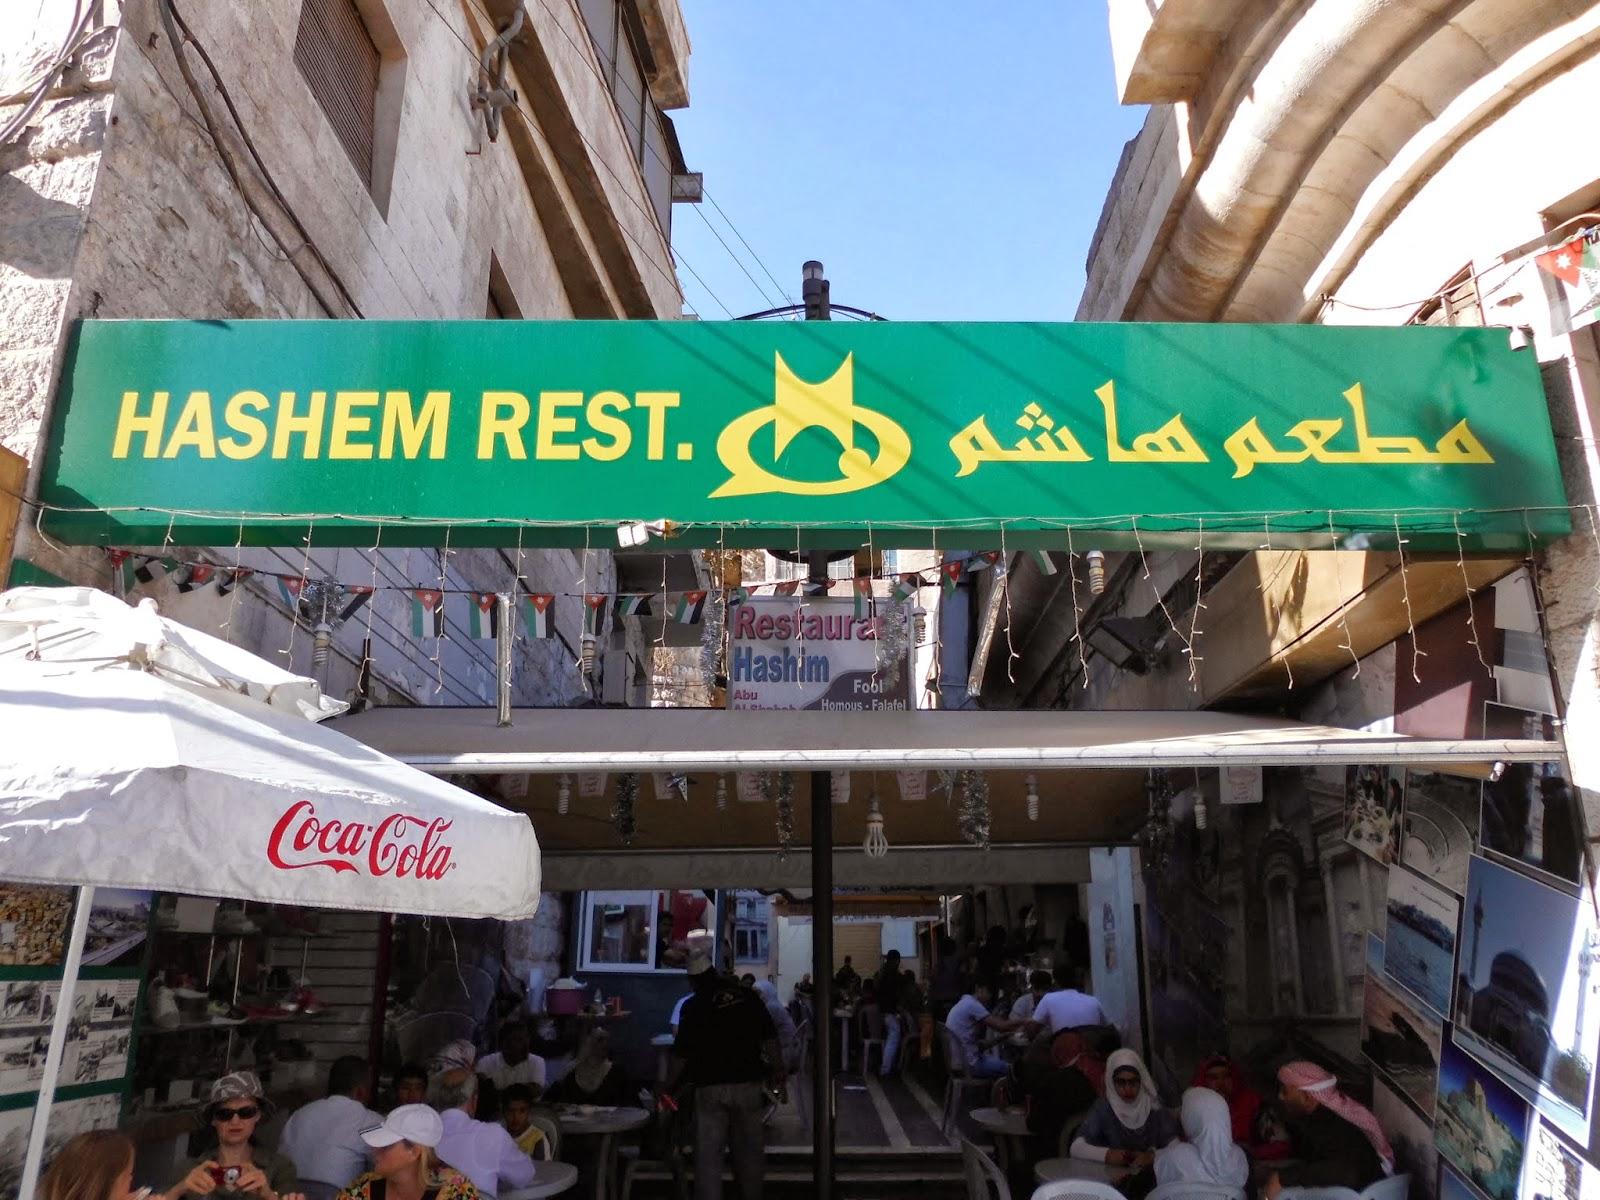 افضل المطاعم في عمان - أفضل المطاعم الشعبية في عمان - مطعم هاشم عمان